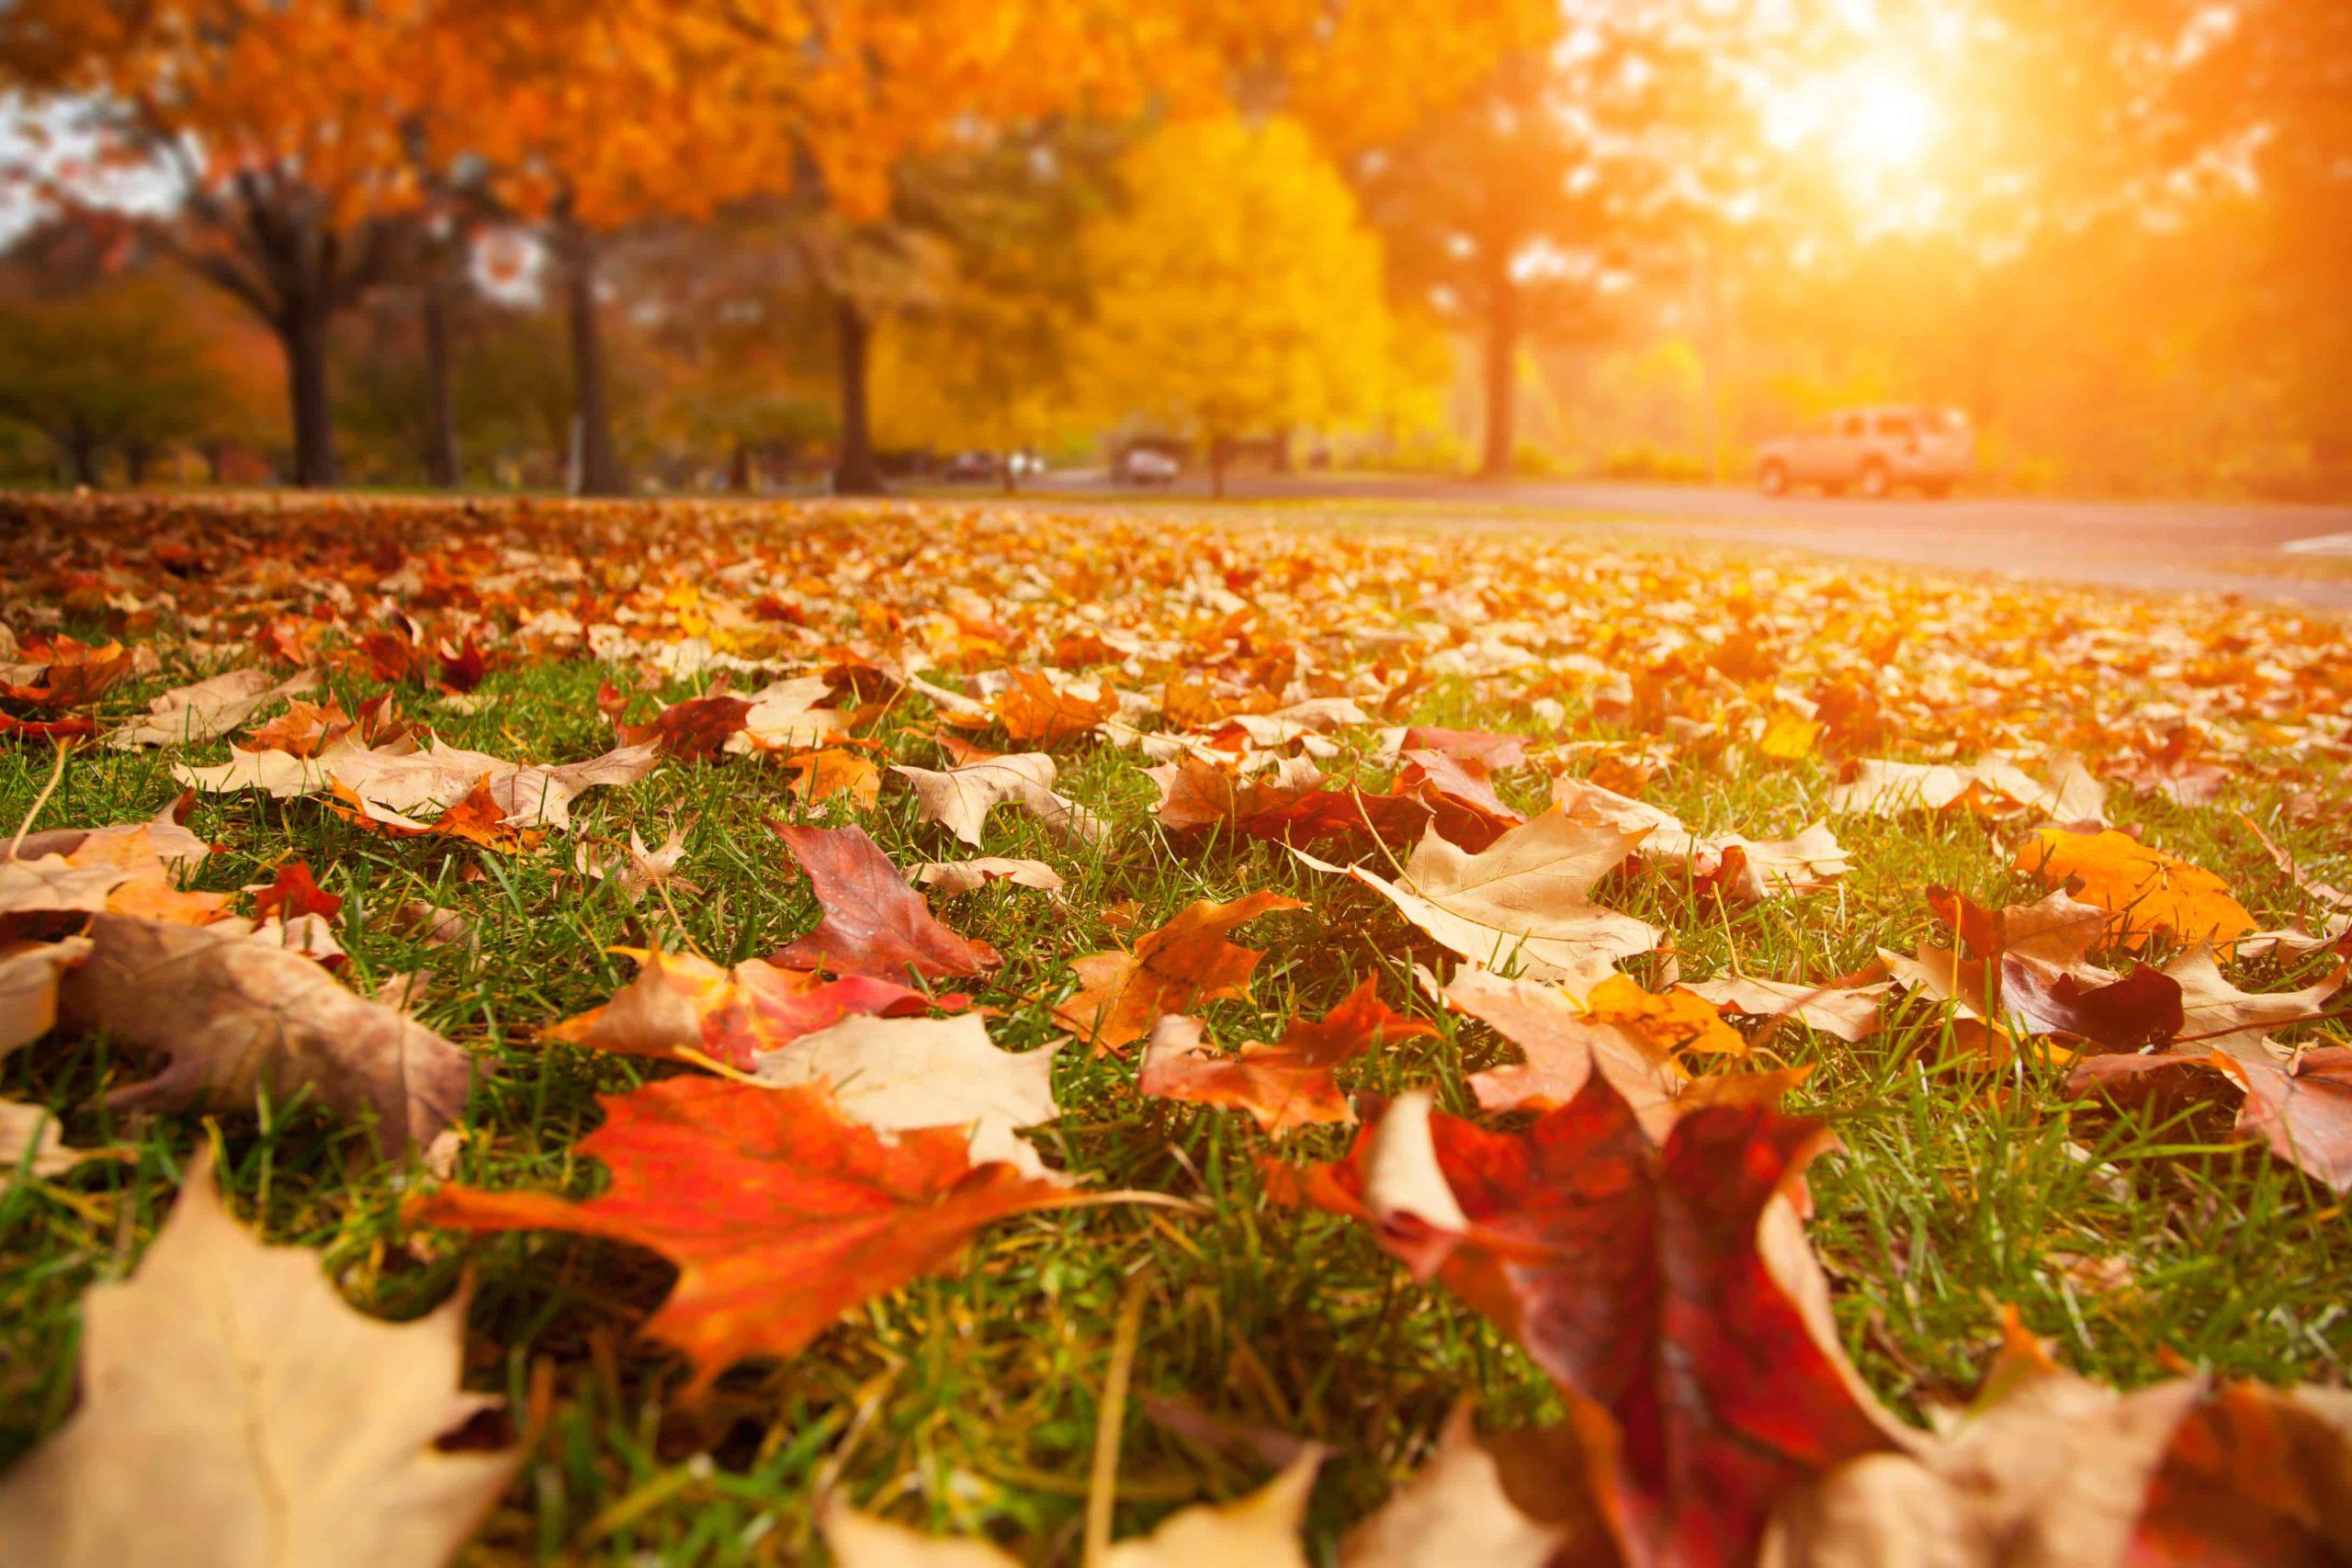 Meilleures huiles essentielles pour l'automne et 30 recettes spéciales d'automne essayées et testées! |